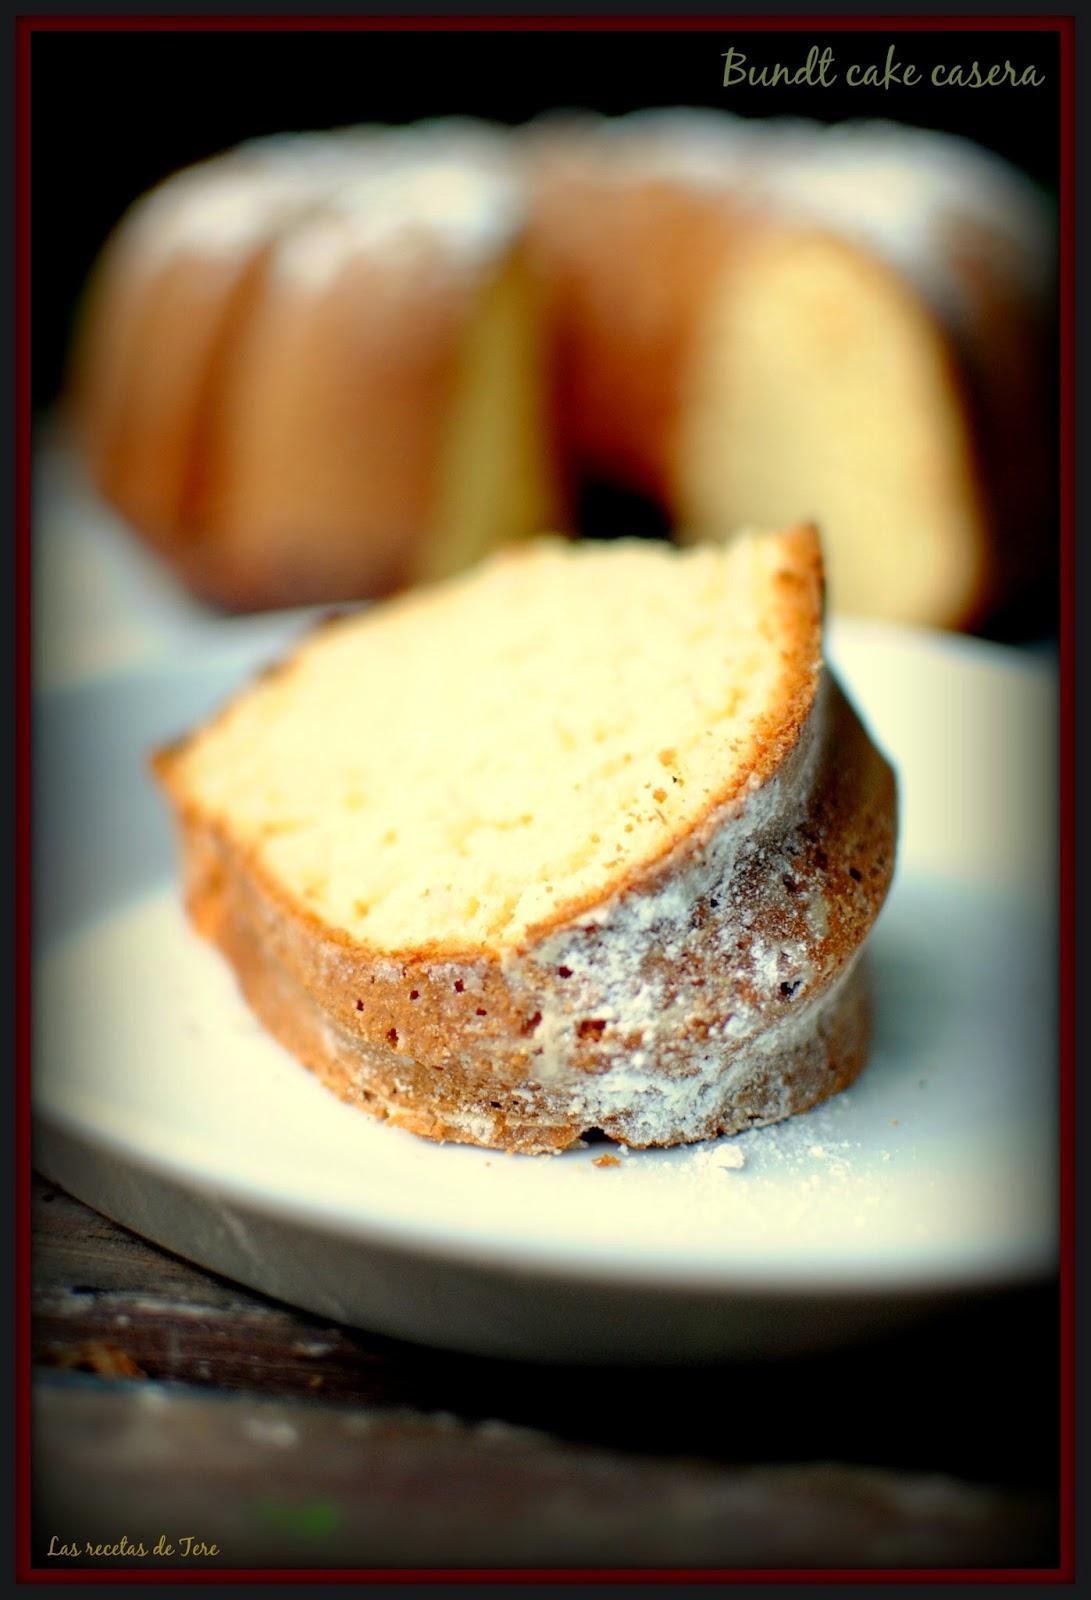 bundt cake casera las recetas de tere 03